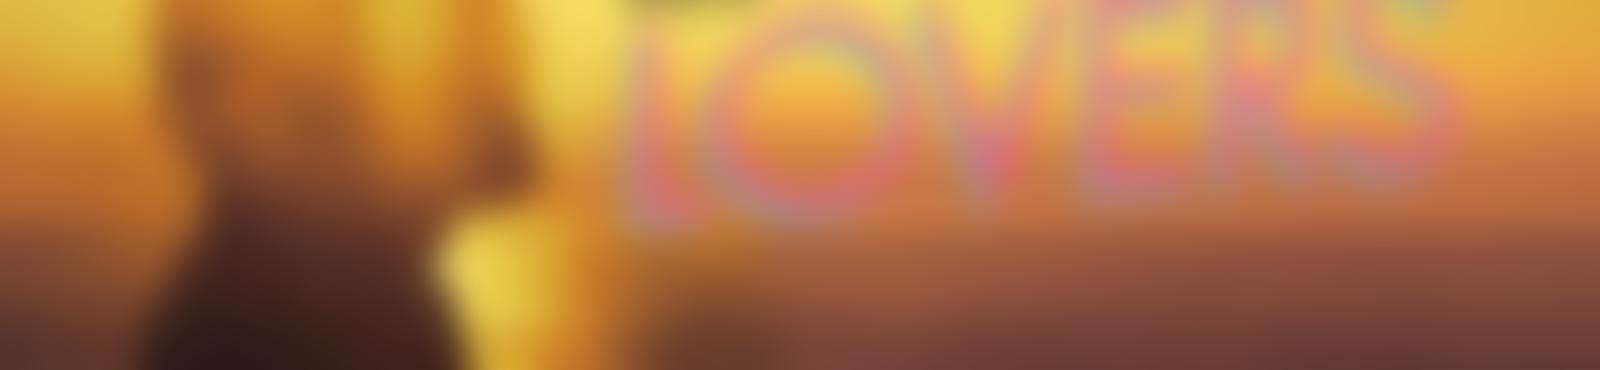 Blurred 2fcfa6cb 141a 4260 836e 5fe96f2ff259